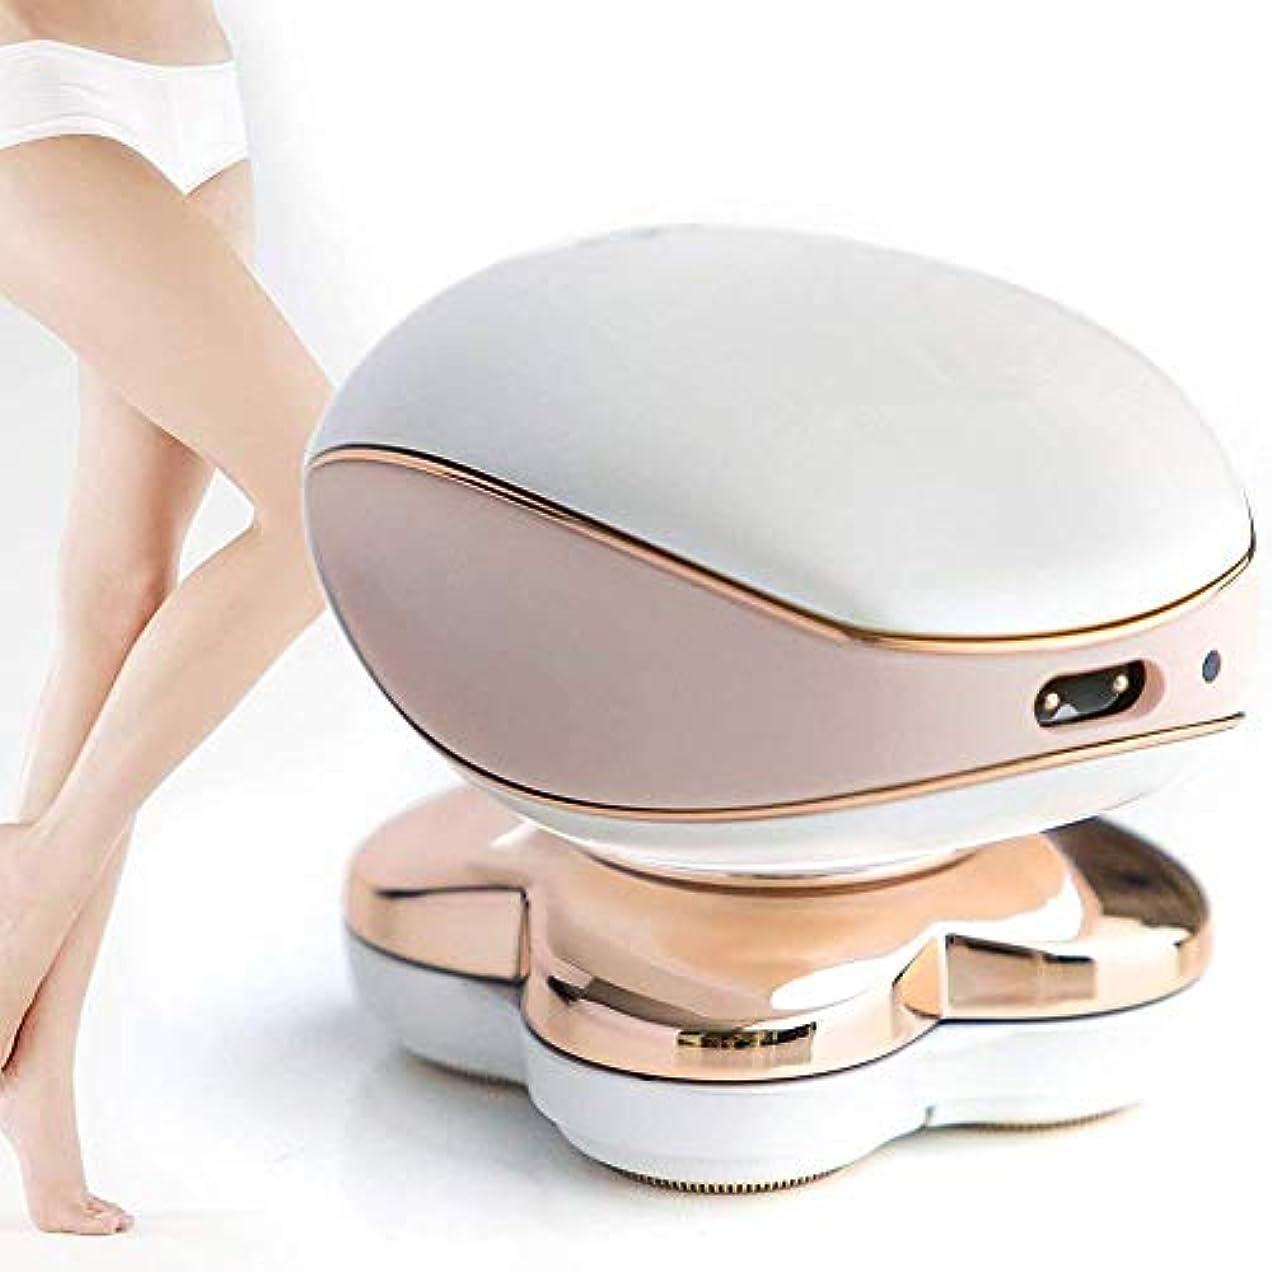 新鮮な社交的放射能女性の足のための痛みのない電気かみそりフェイスリップビキニエリア充電式インスタント脱毛器シェーバートリマー